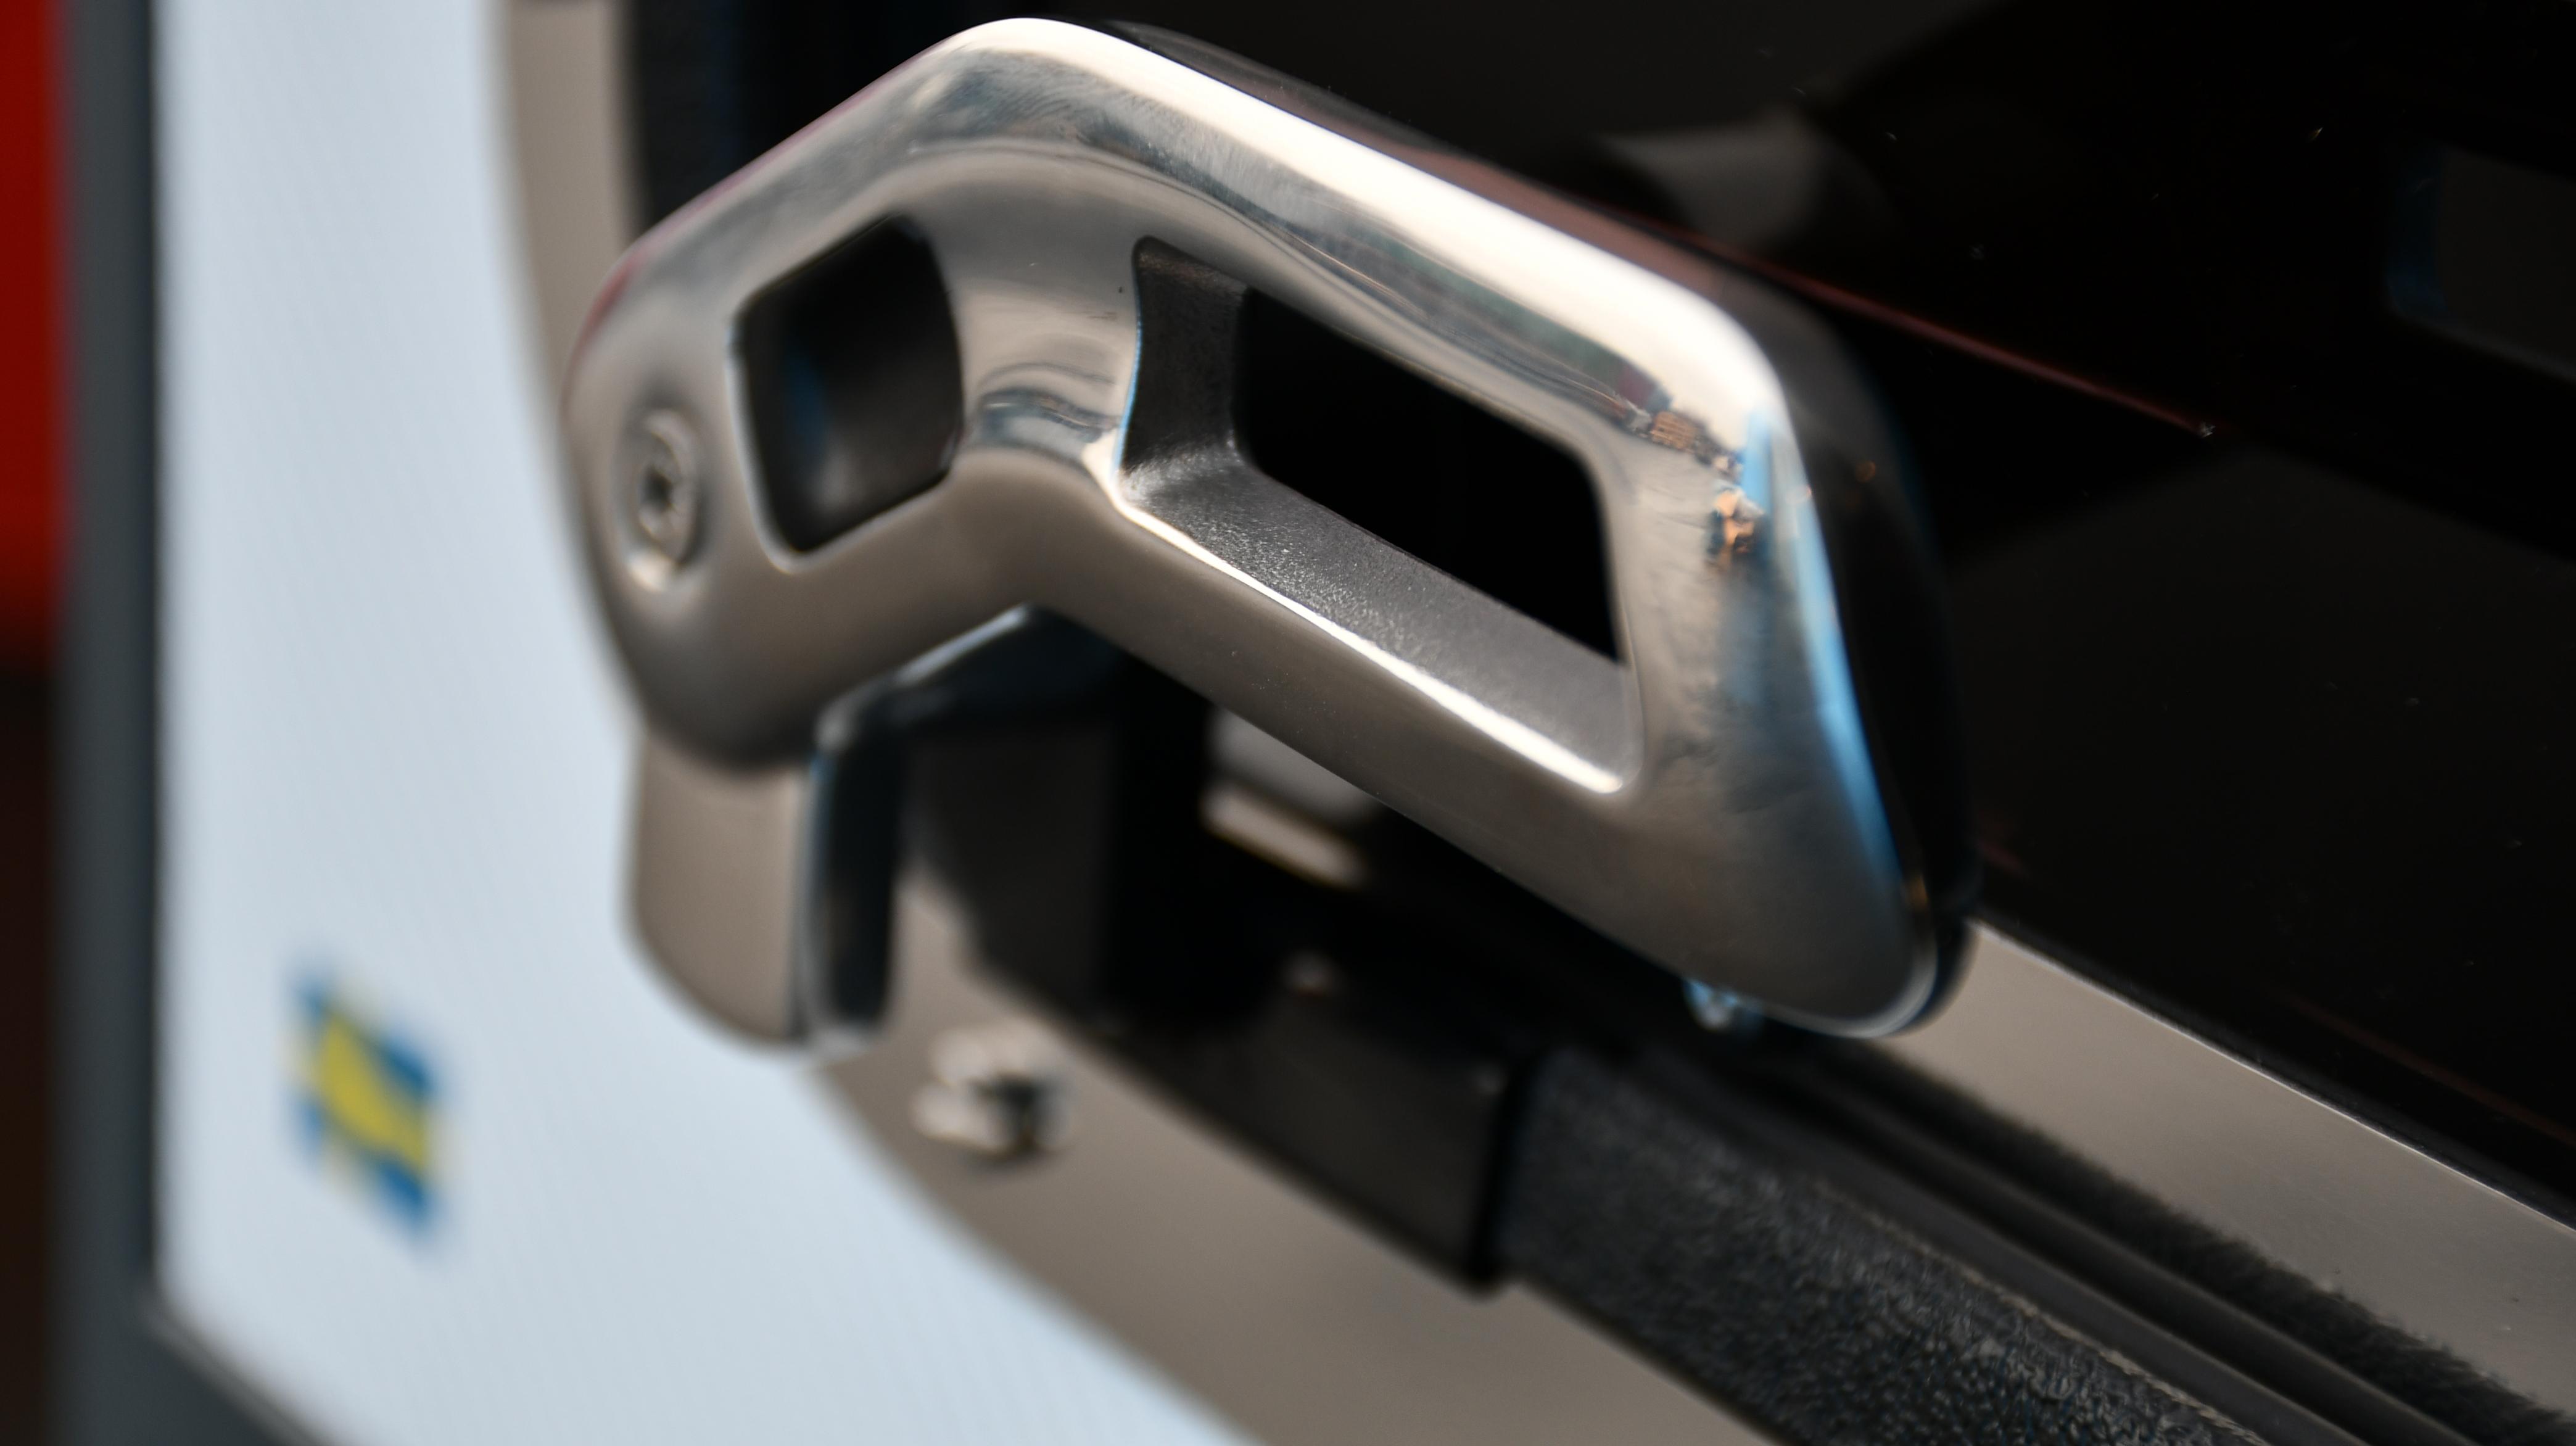 Inside handle